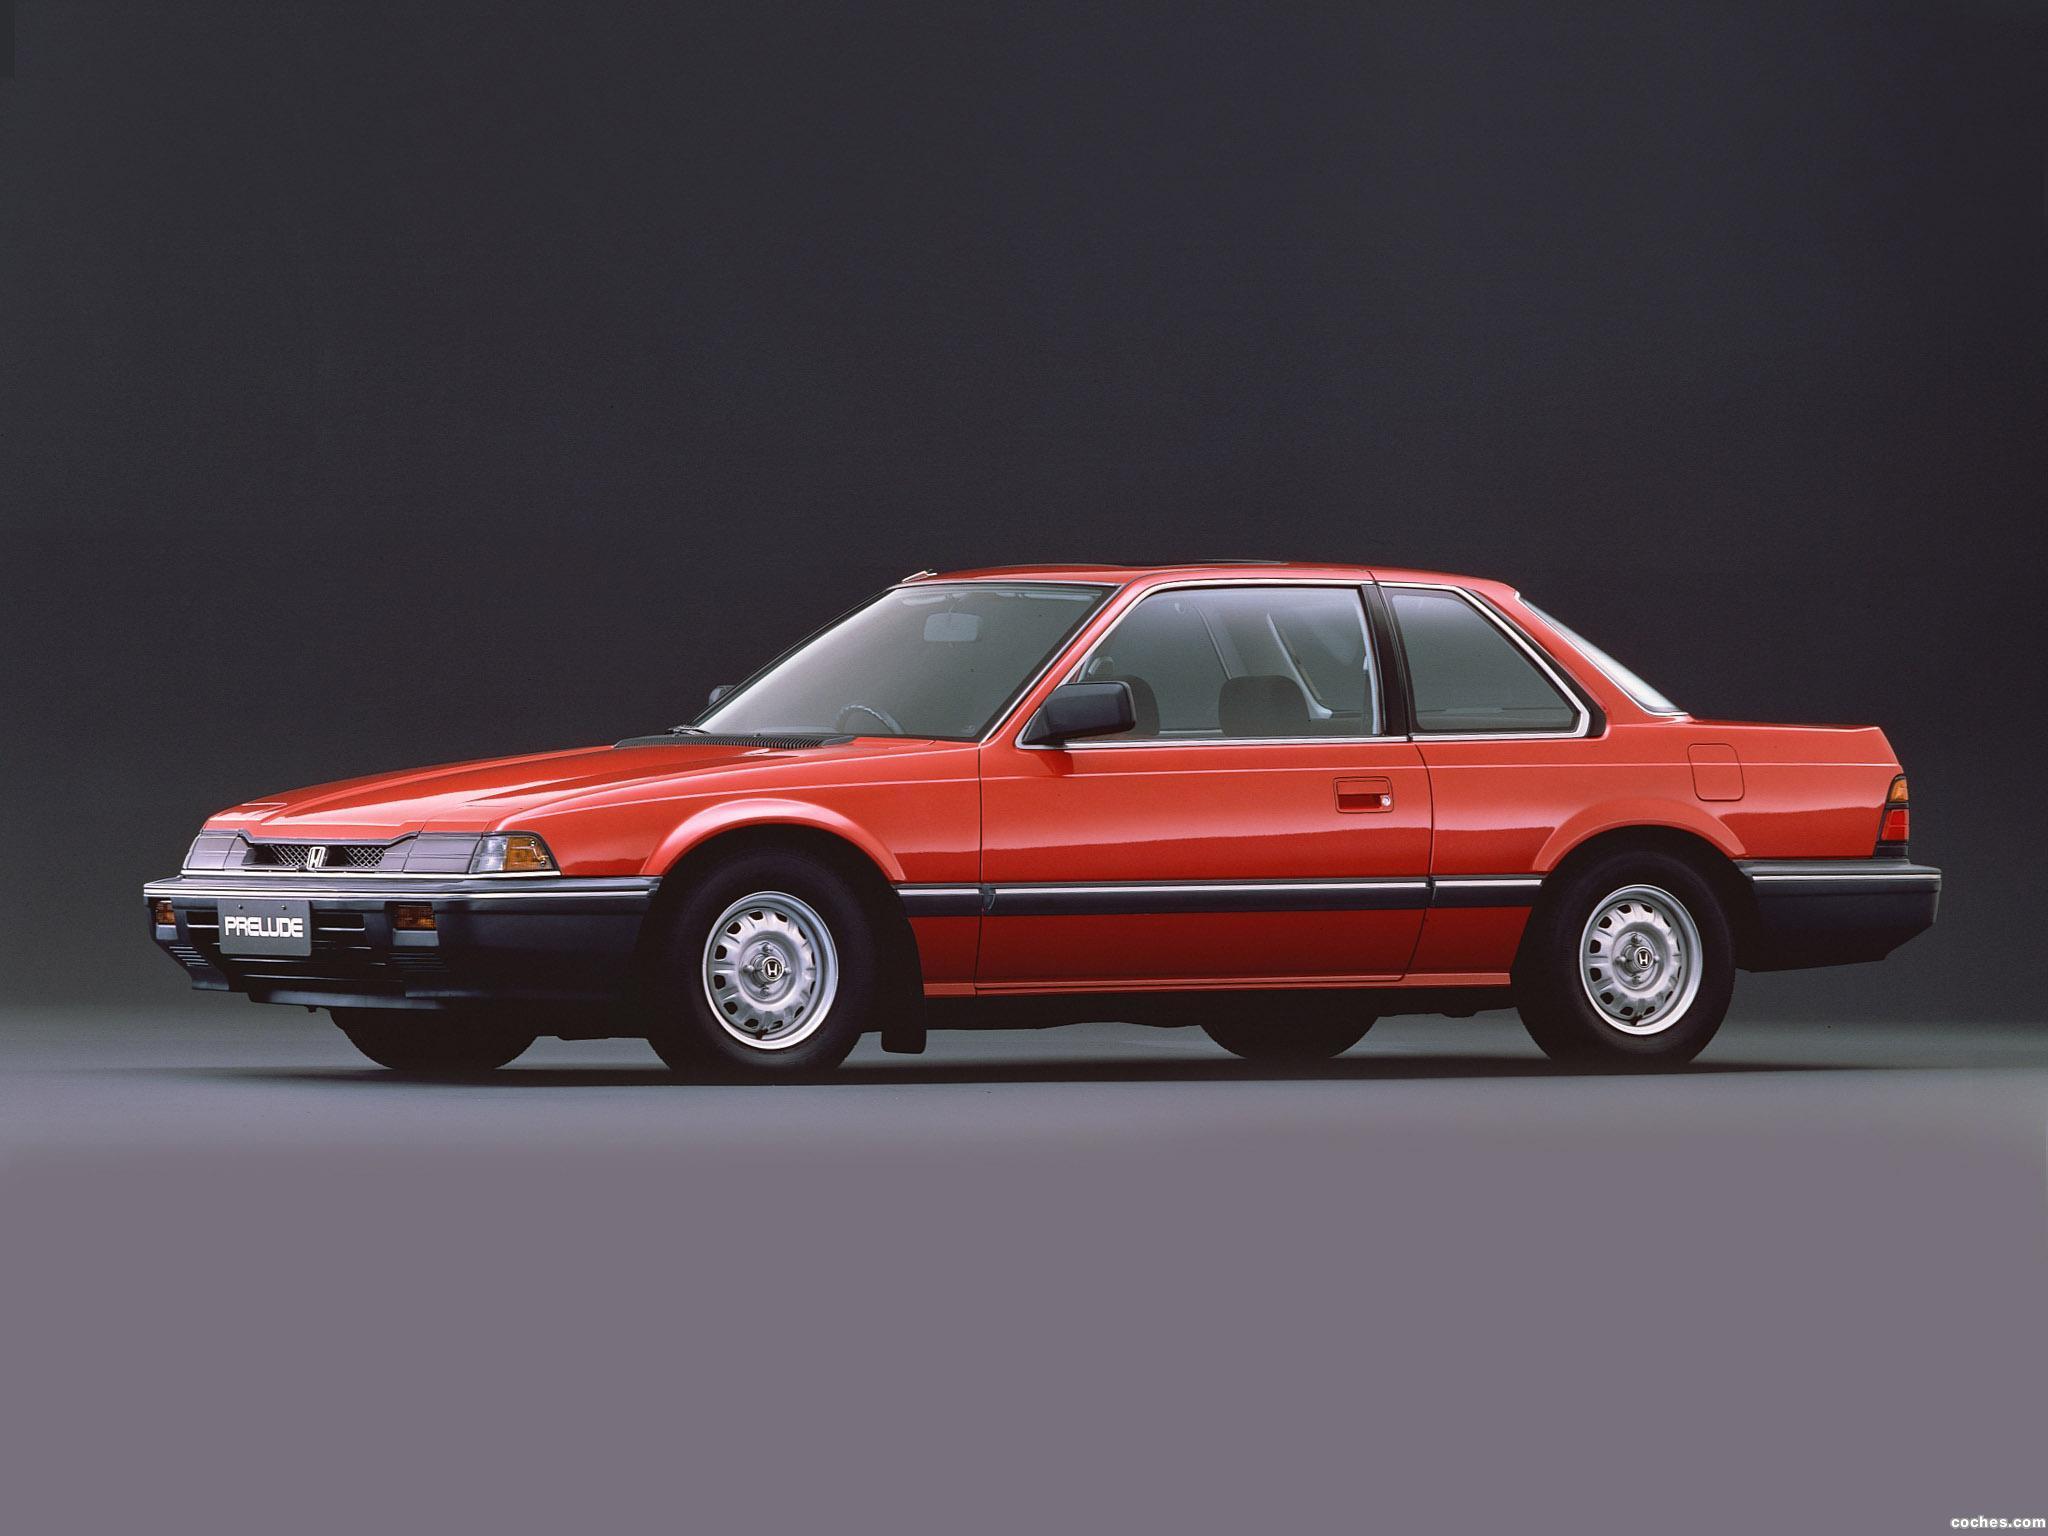 Foto 0 de Honda Prelude XJ 1983